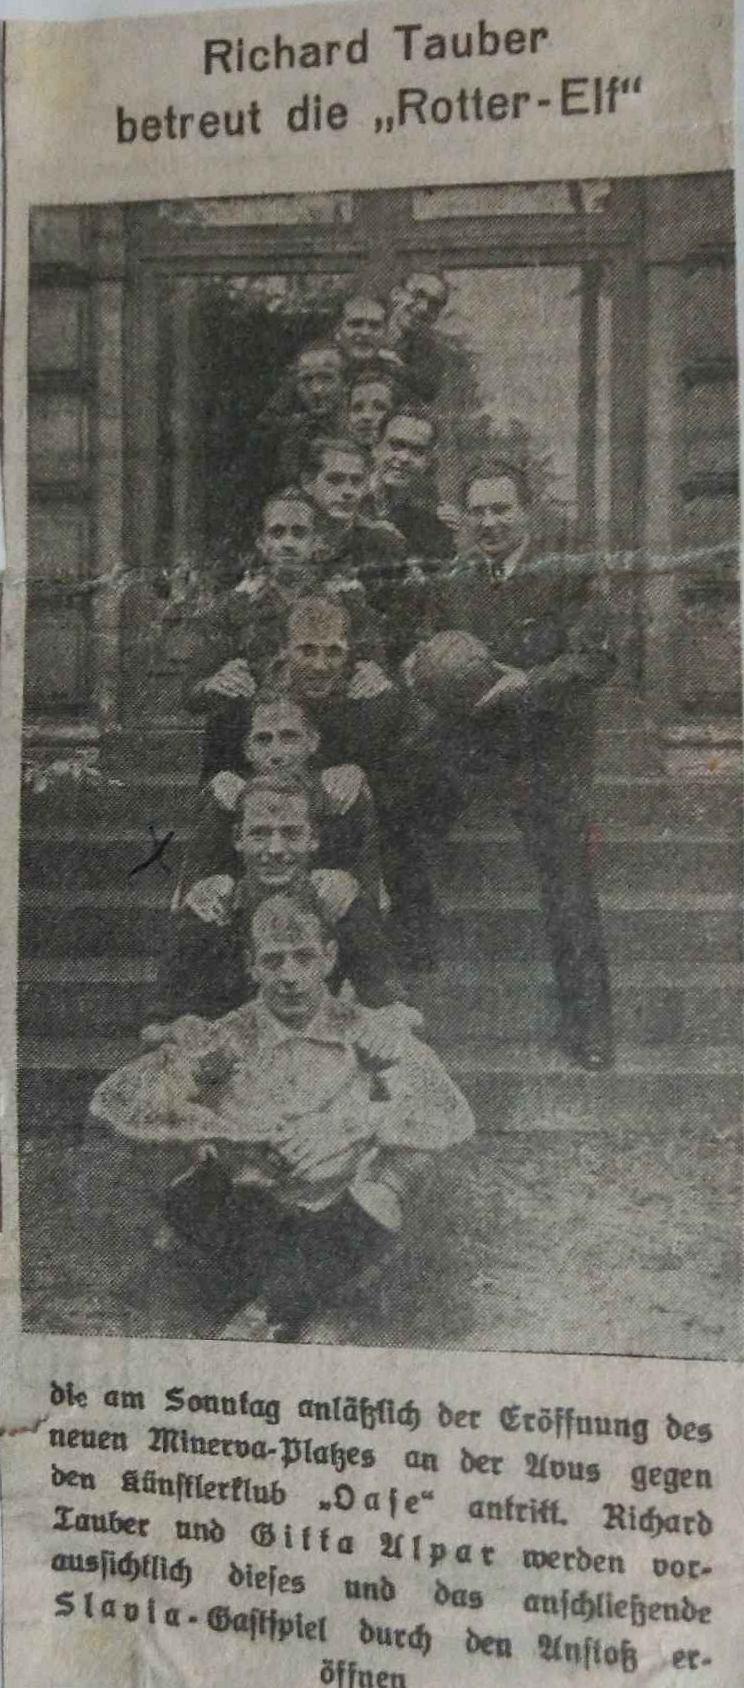 1933Fußball Benefizspiel, Eröffnung des neuen Minerva-Stadions an der Avus - WR 2. v. unten